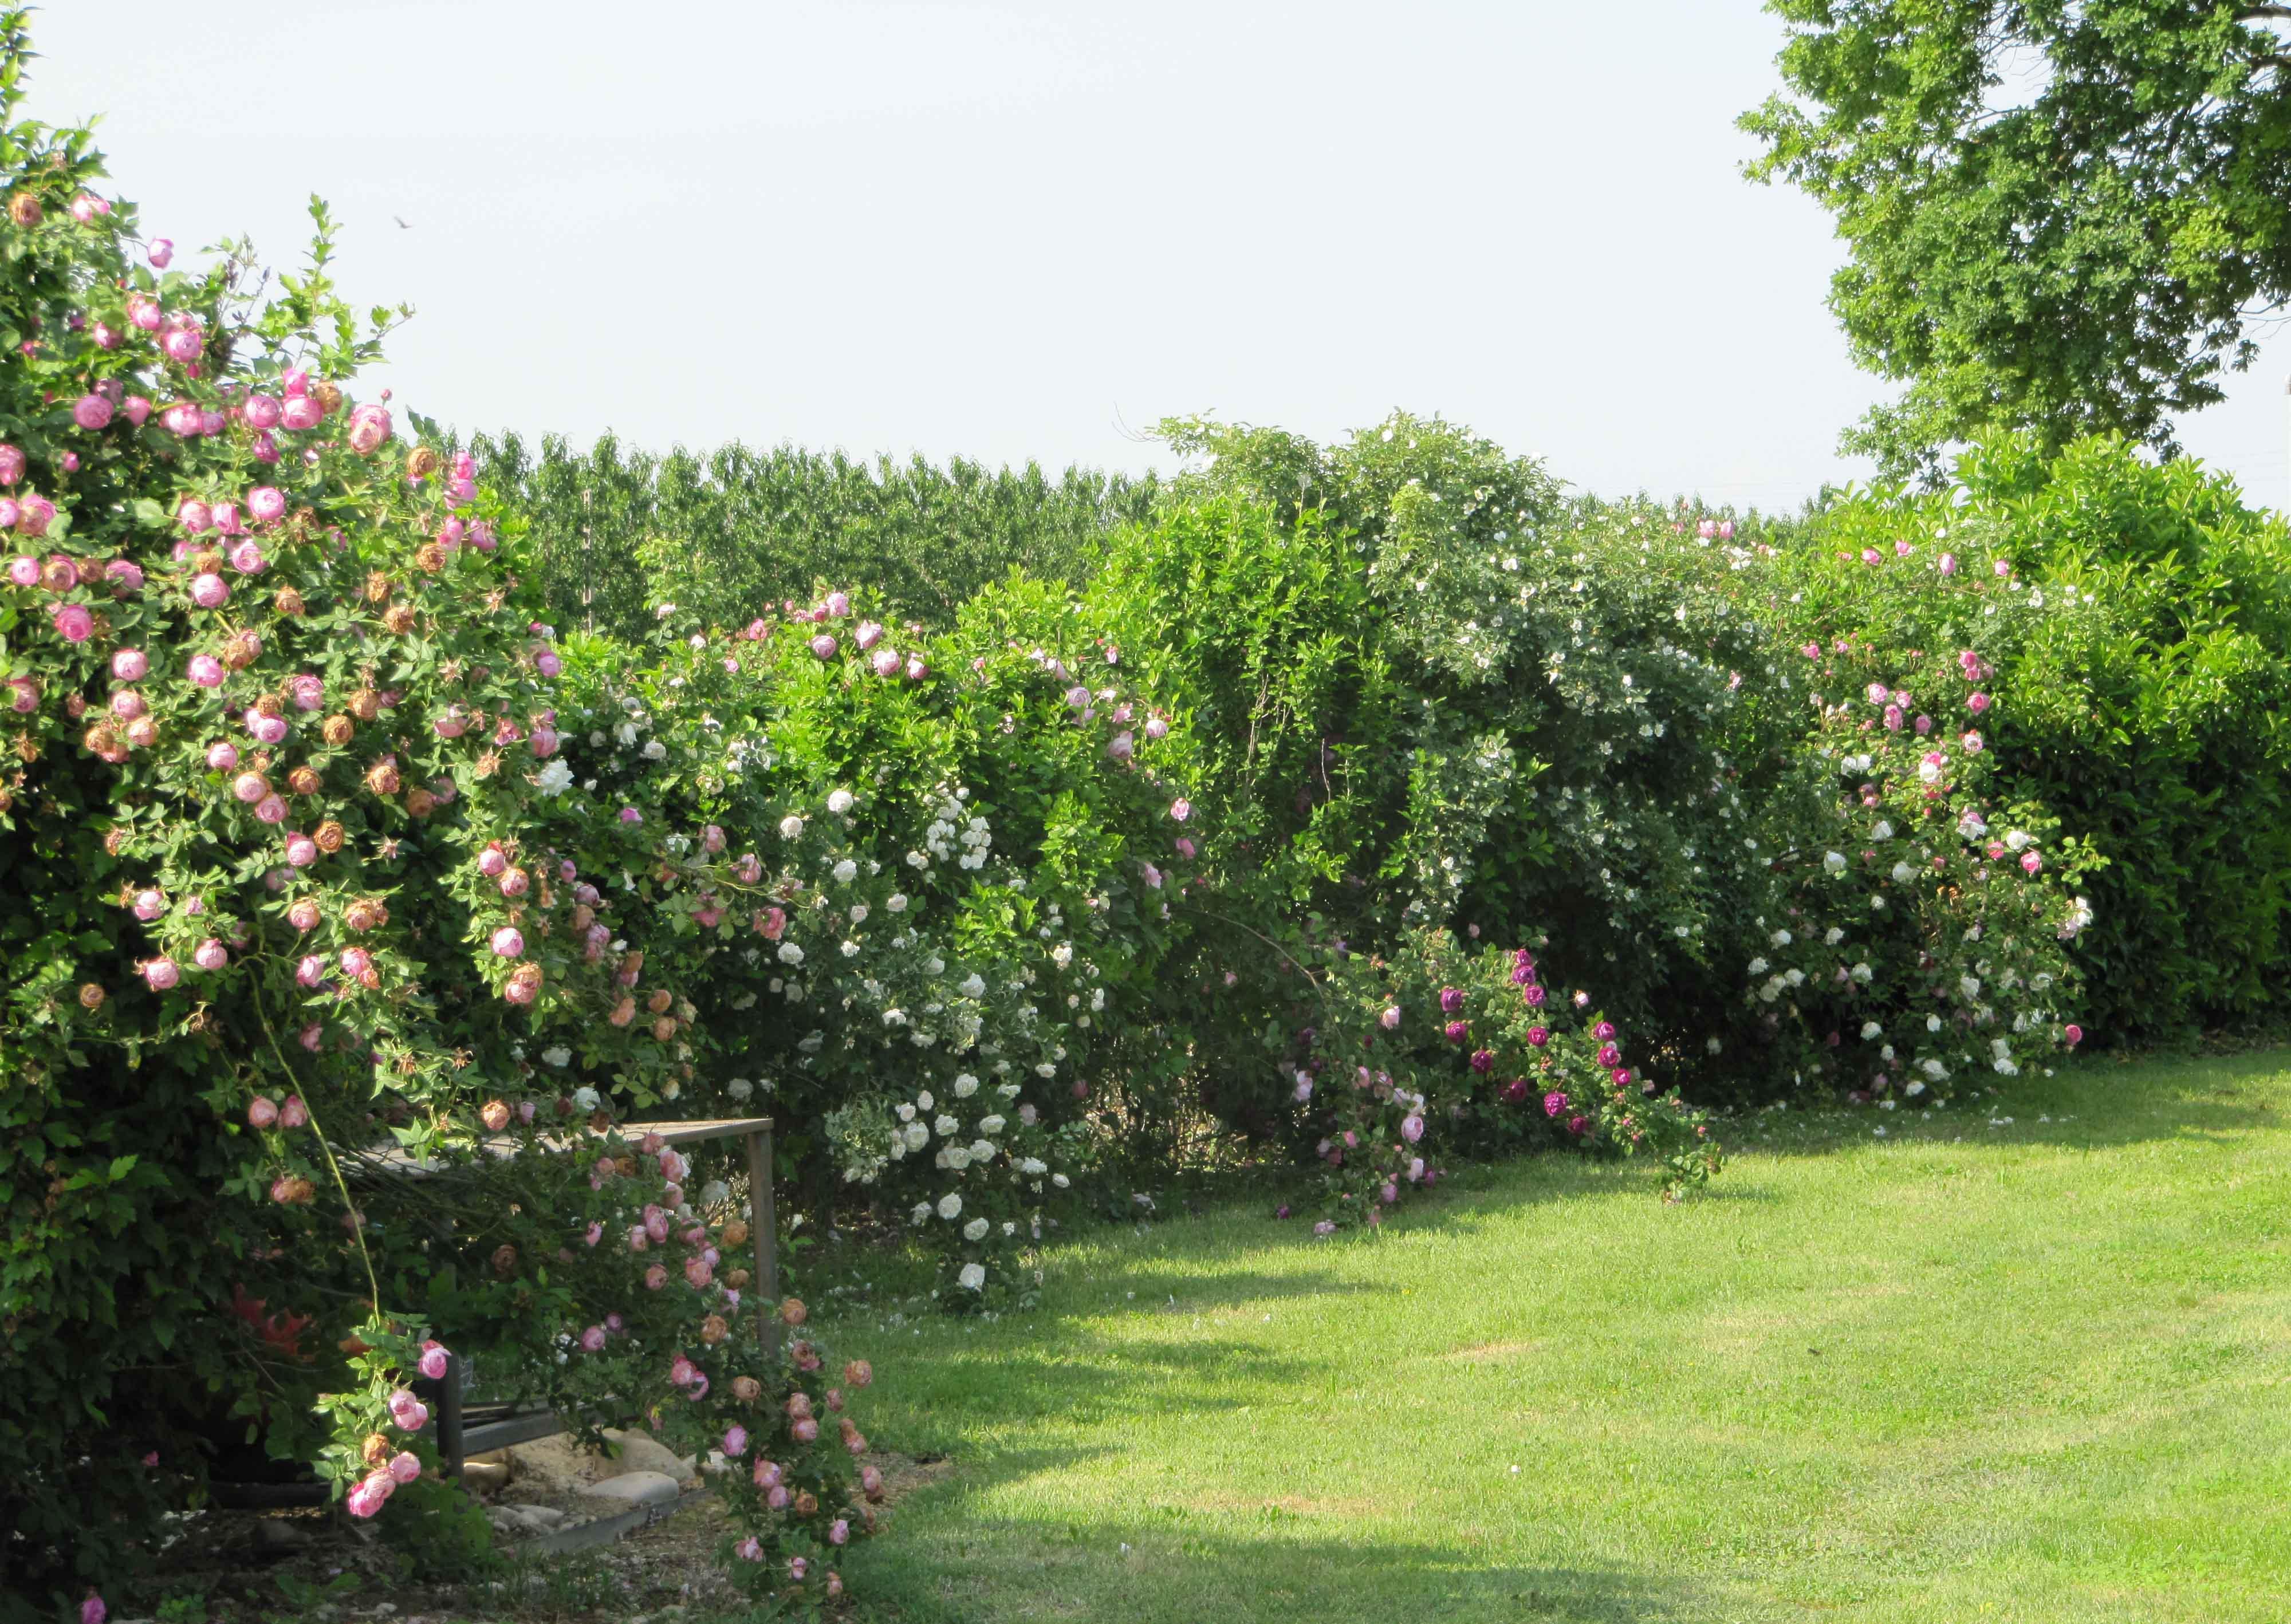 Siepe di rose centro giardino - Giardino con rose ...